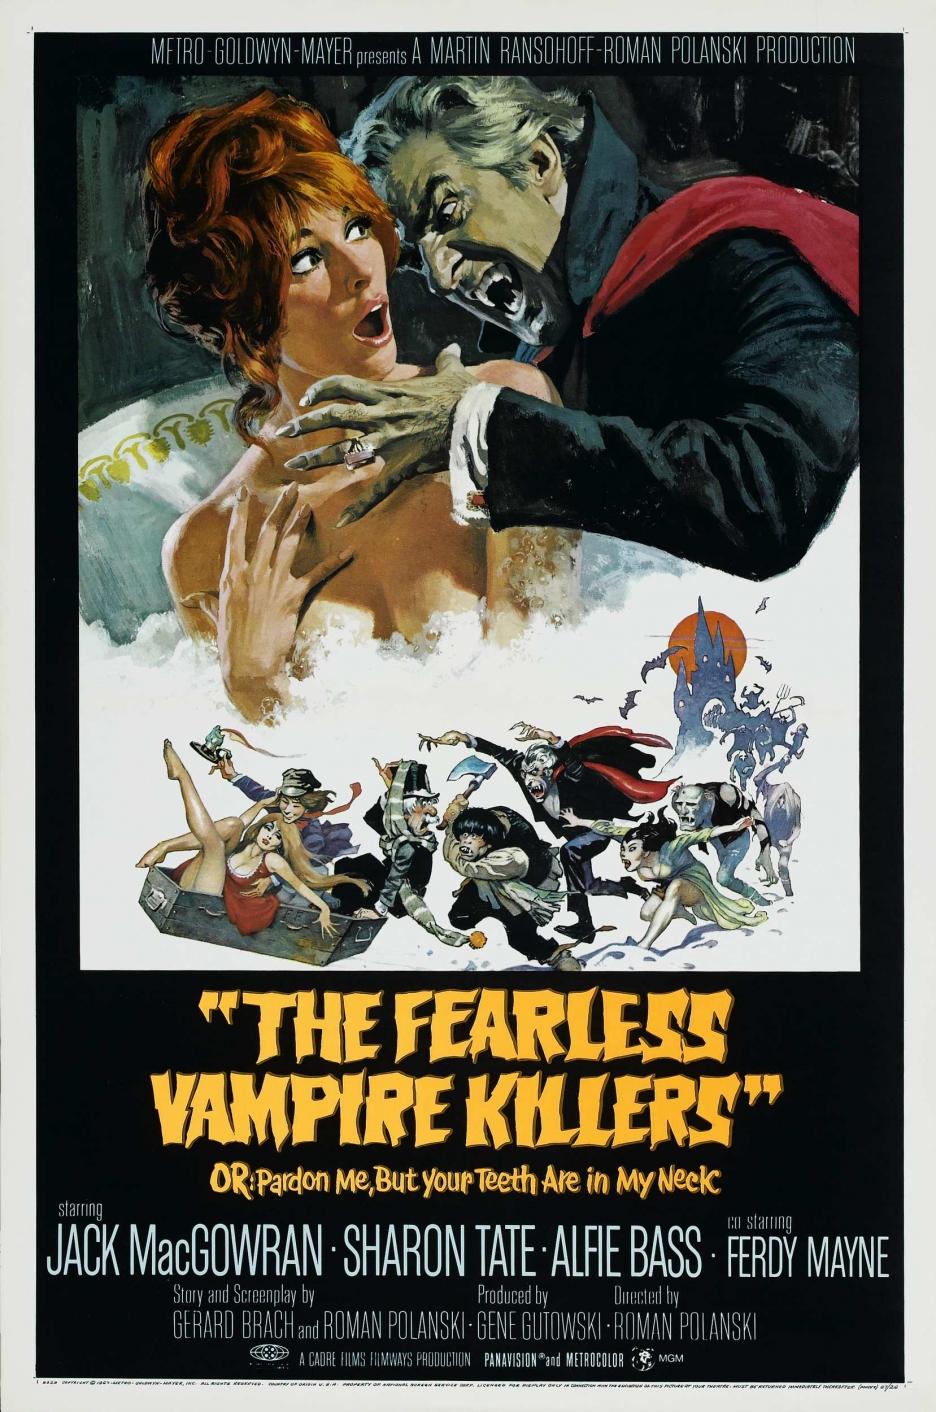 the-fearless-vampire-killers-poster-frank-frazetta